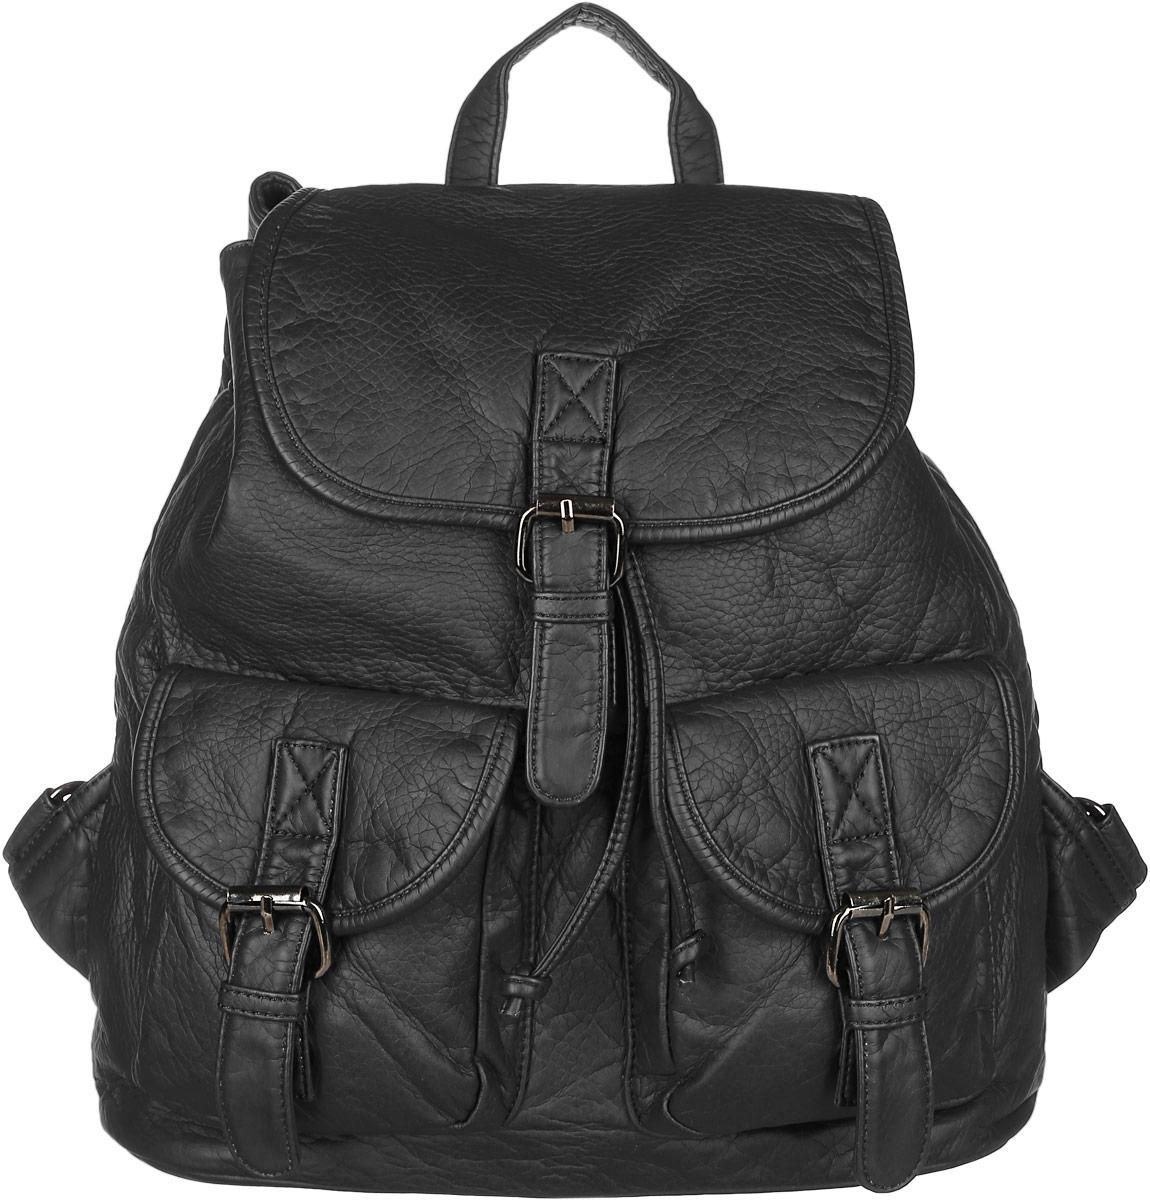 Рюкзак женский Janes Story, цвет: черный. TW-8915-04S76245Стильный женский рюкзак Janes Story выполнен из искусственной кожи. Изделие содержит отделение, закрывающееся с помощью затягивающего шнурка с фиксатором и клапана с магнитным замком. Внутри расположены: два накладных кармана для мелочей и два кармана на молнии. Спереди рюкзак дополнен двумя карманами, которые застегиваются при помощи хлястиков с пряжками, сзади прорезным карманом на молнии. Рюкзак оснащен удобными лямками регулируемой длины, а также петлей для подвешивания. Оригинальный аксессуар позволит вам завершить образ и быть неотразимой.